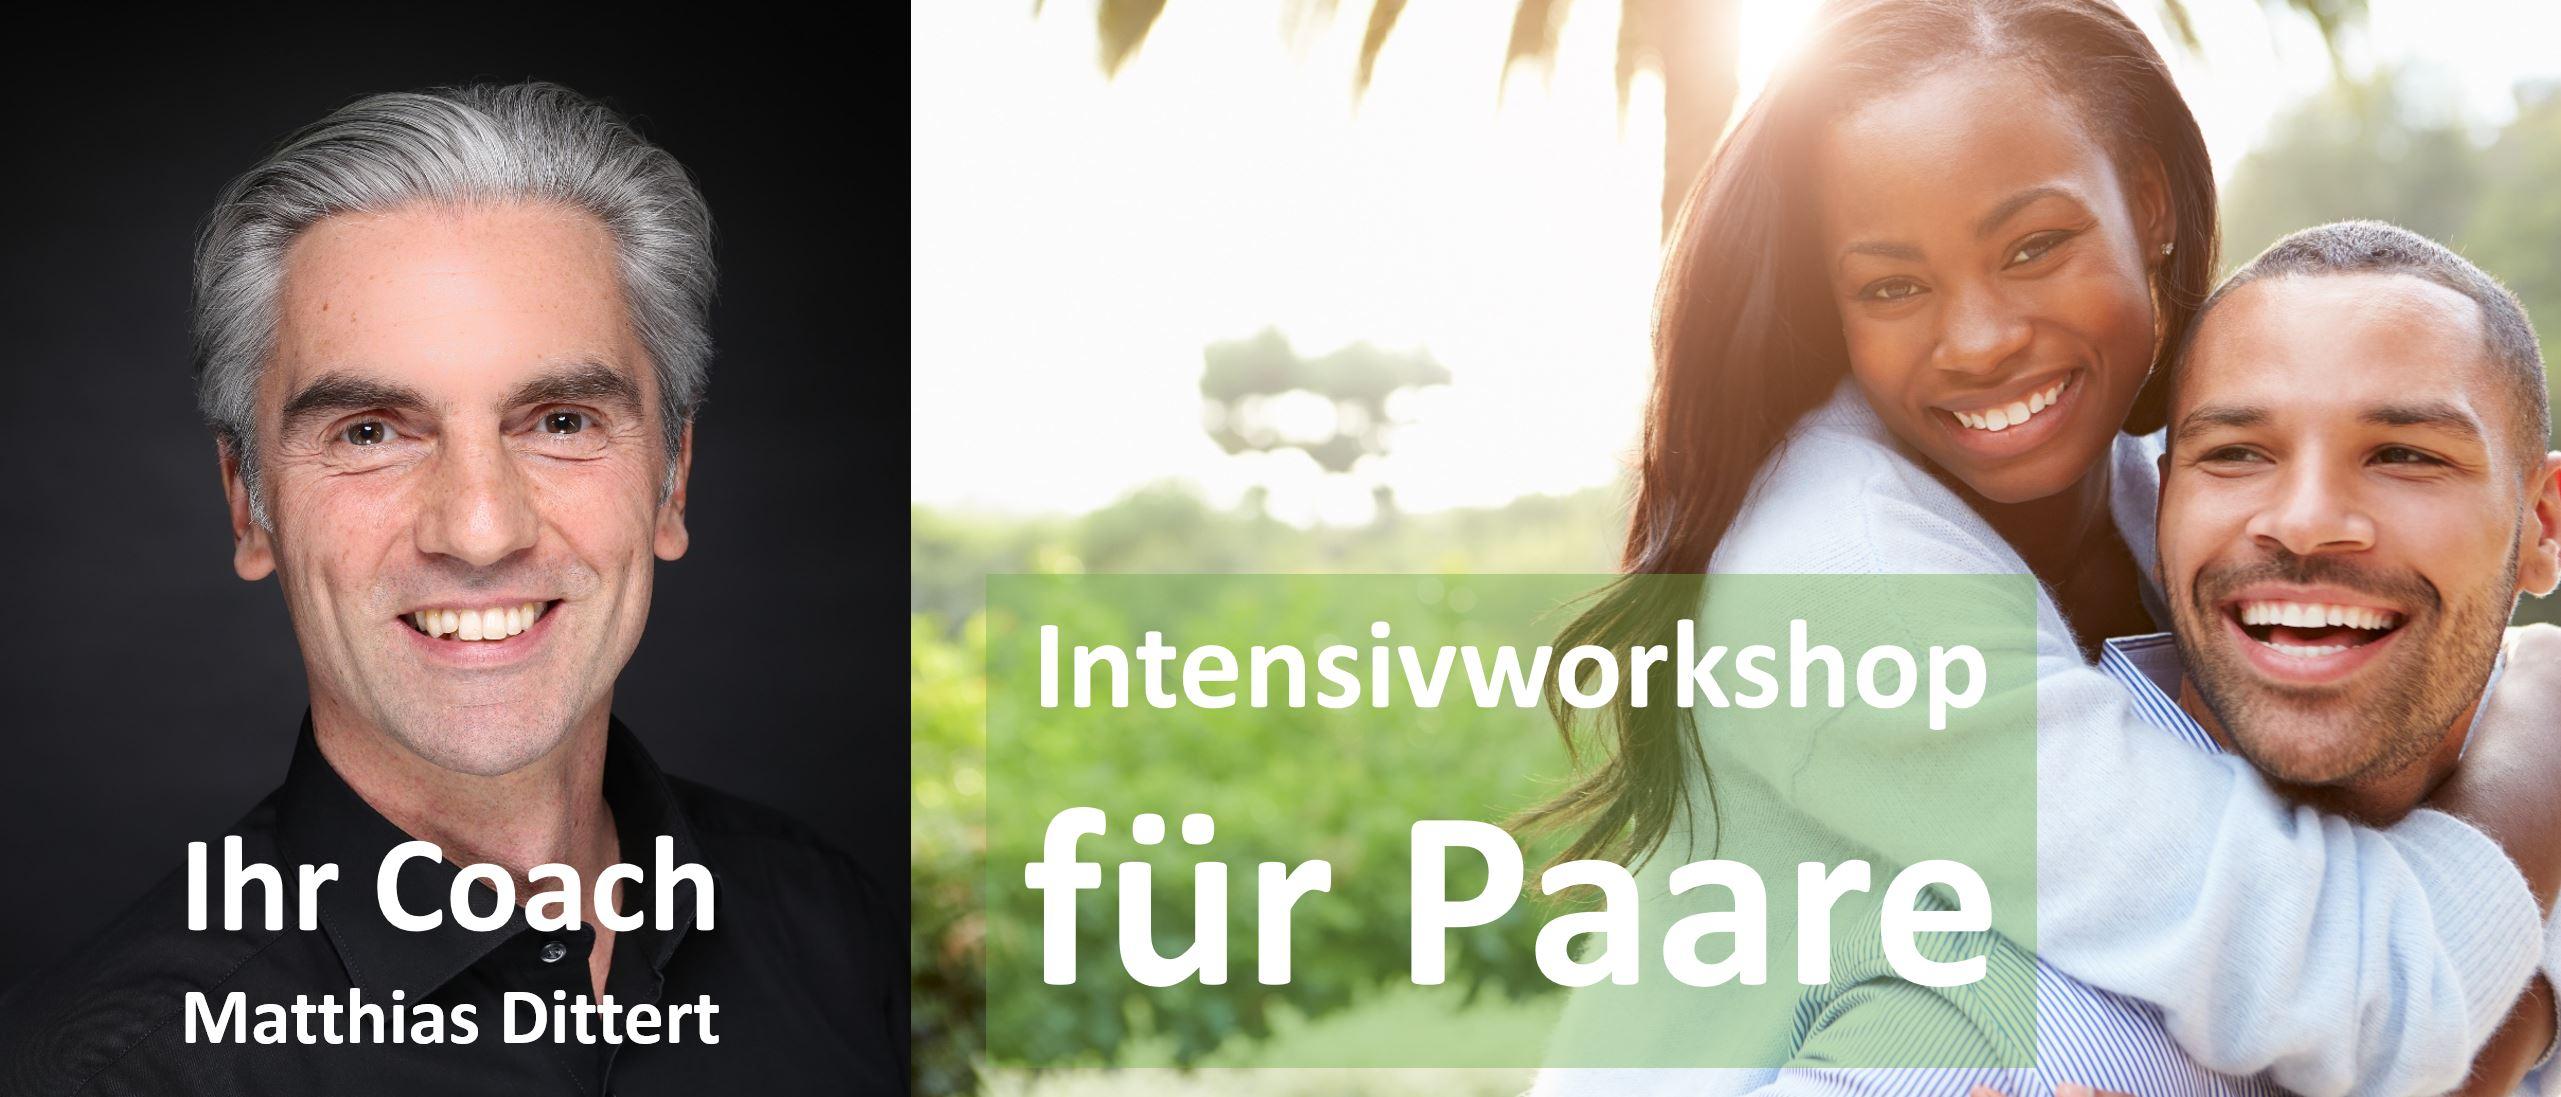 Matthias Dittert - Intensivworkshop für Paare